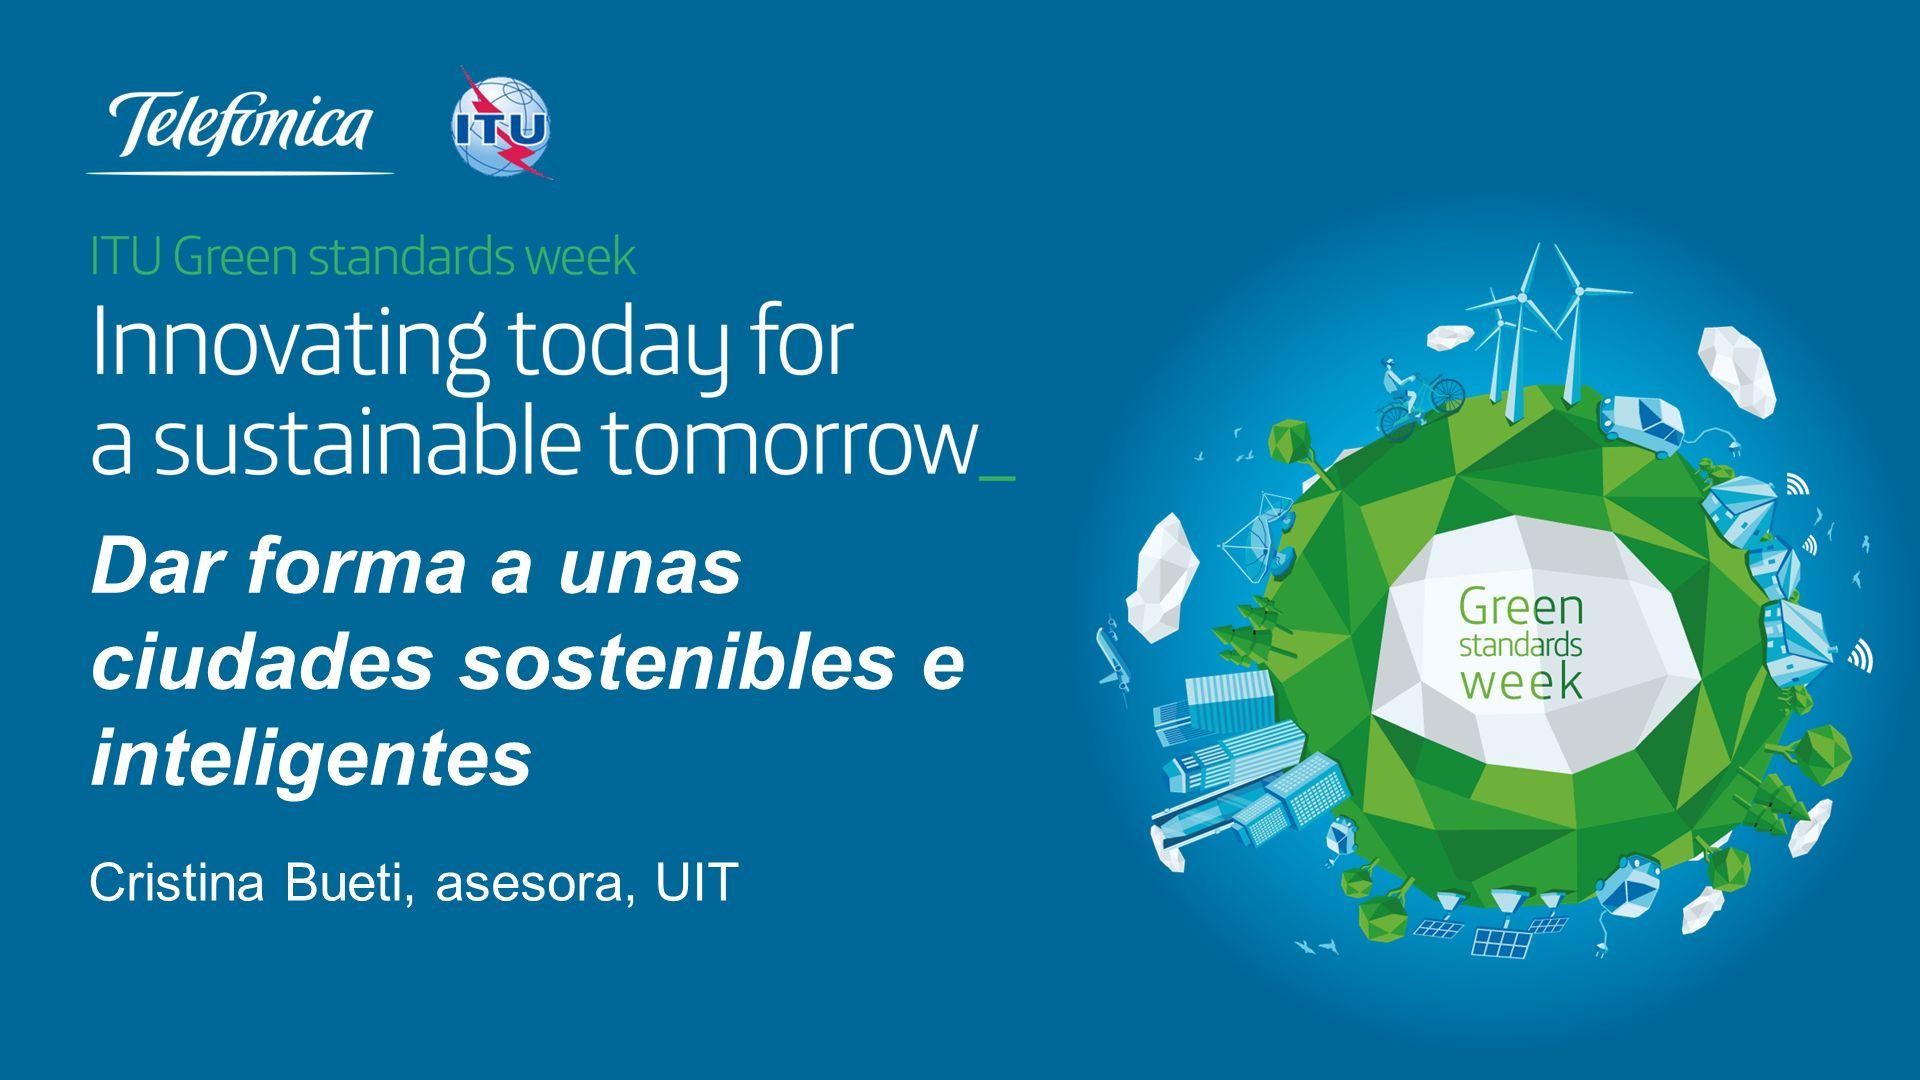 Cristina Bueti, asesora, UIT Dar forma a unas ciudades sostenibles e inteligentes